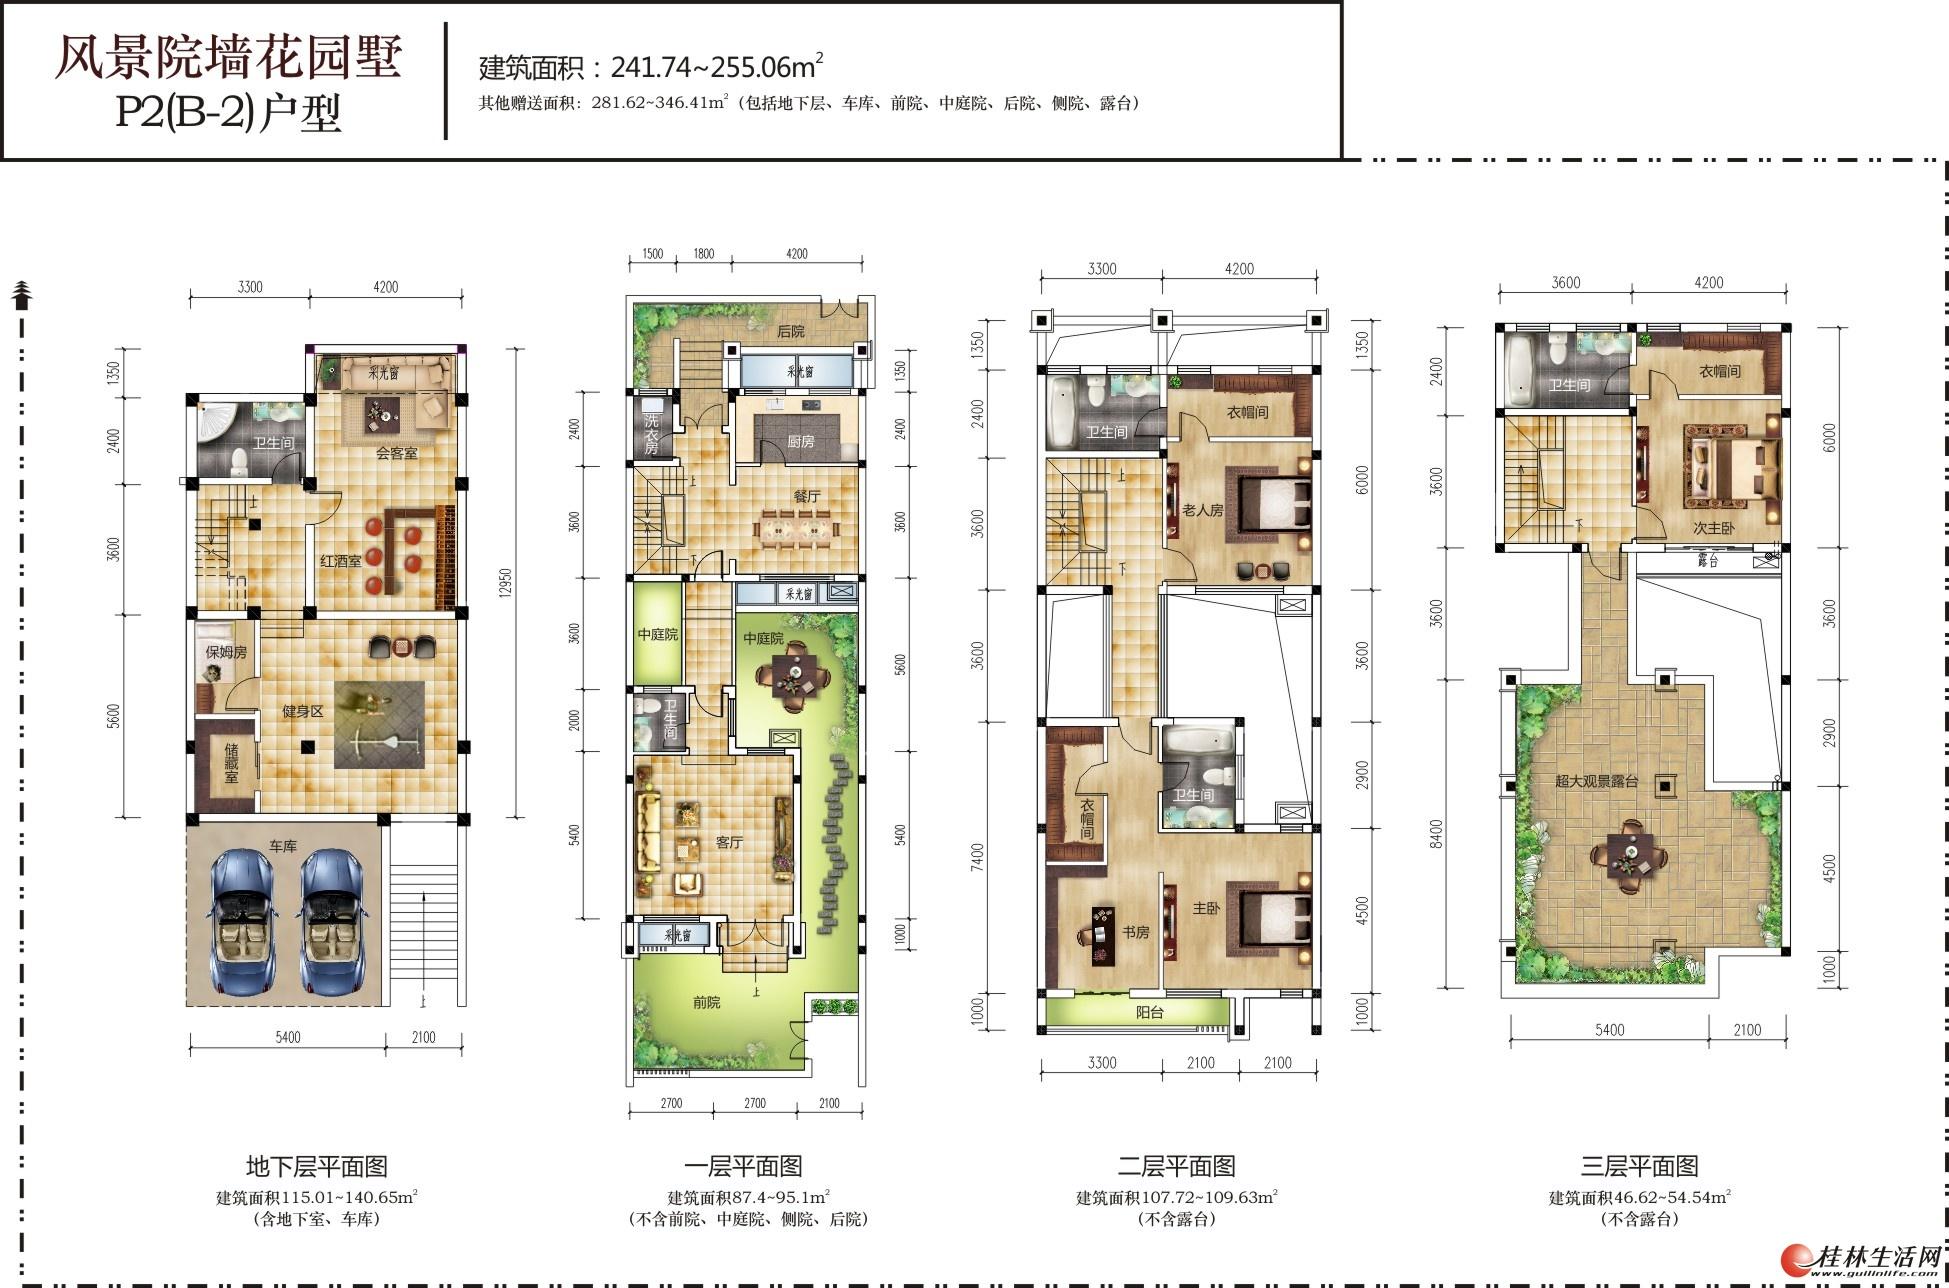 P2(B-2)户型 风景院墙花园墅 241.74-255.06㎡